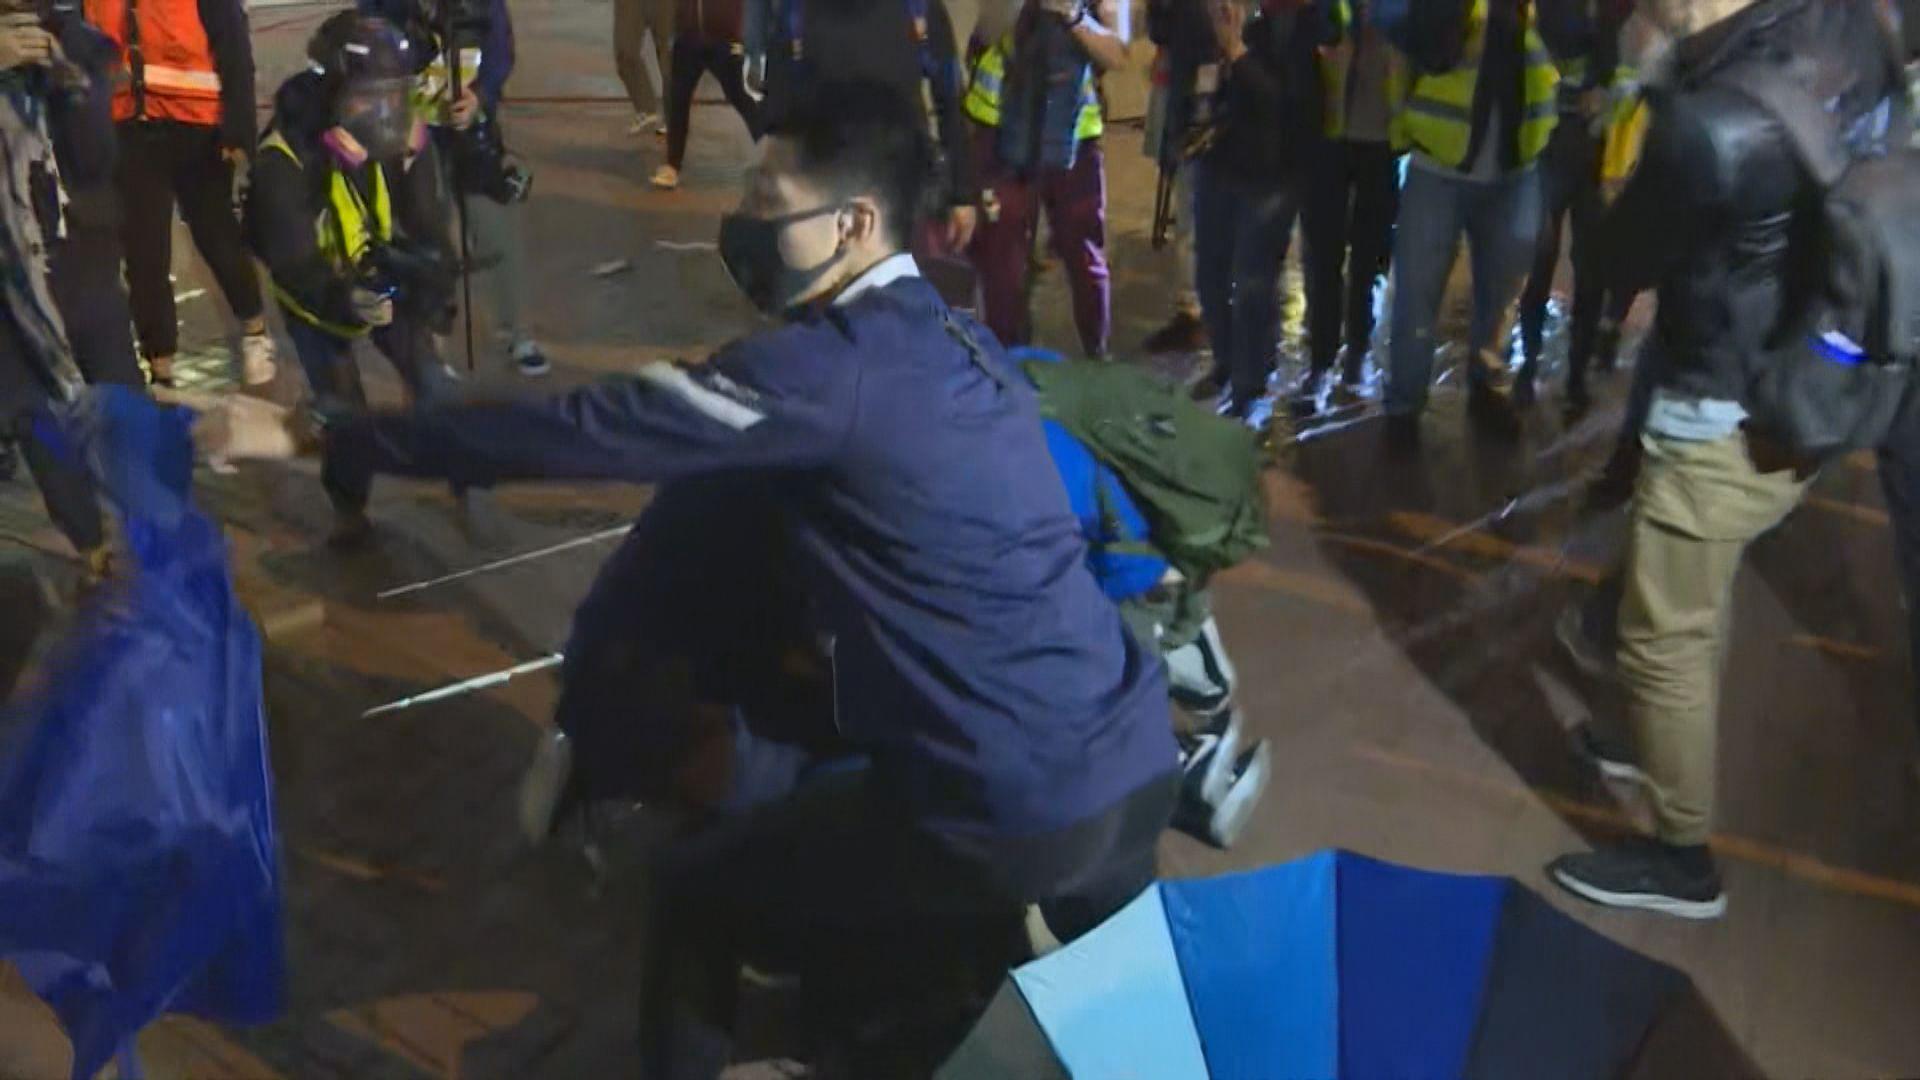 悼念周梓樂後有示威者堵路 警施催淚水劑制服多人